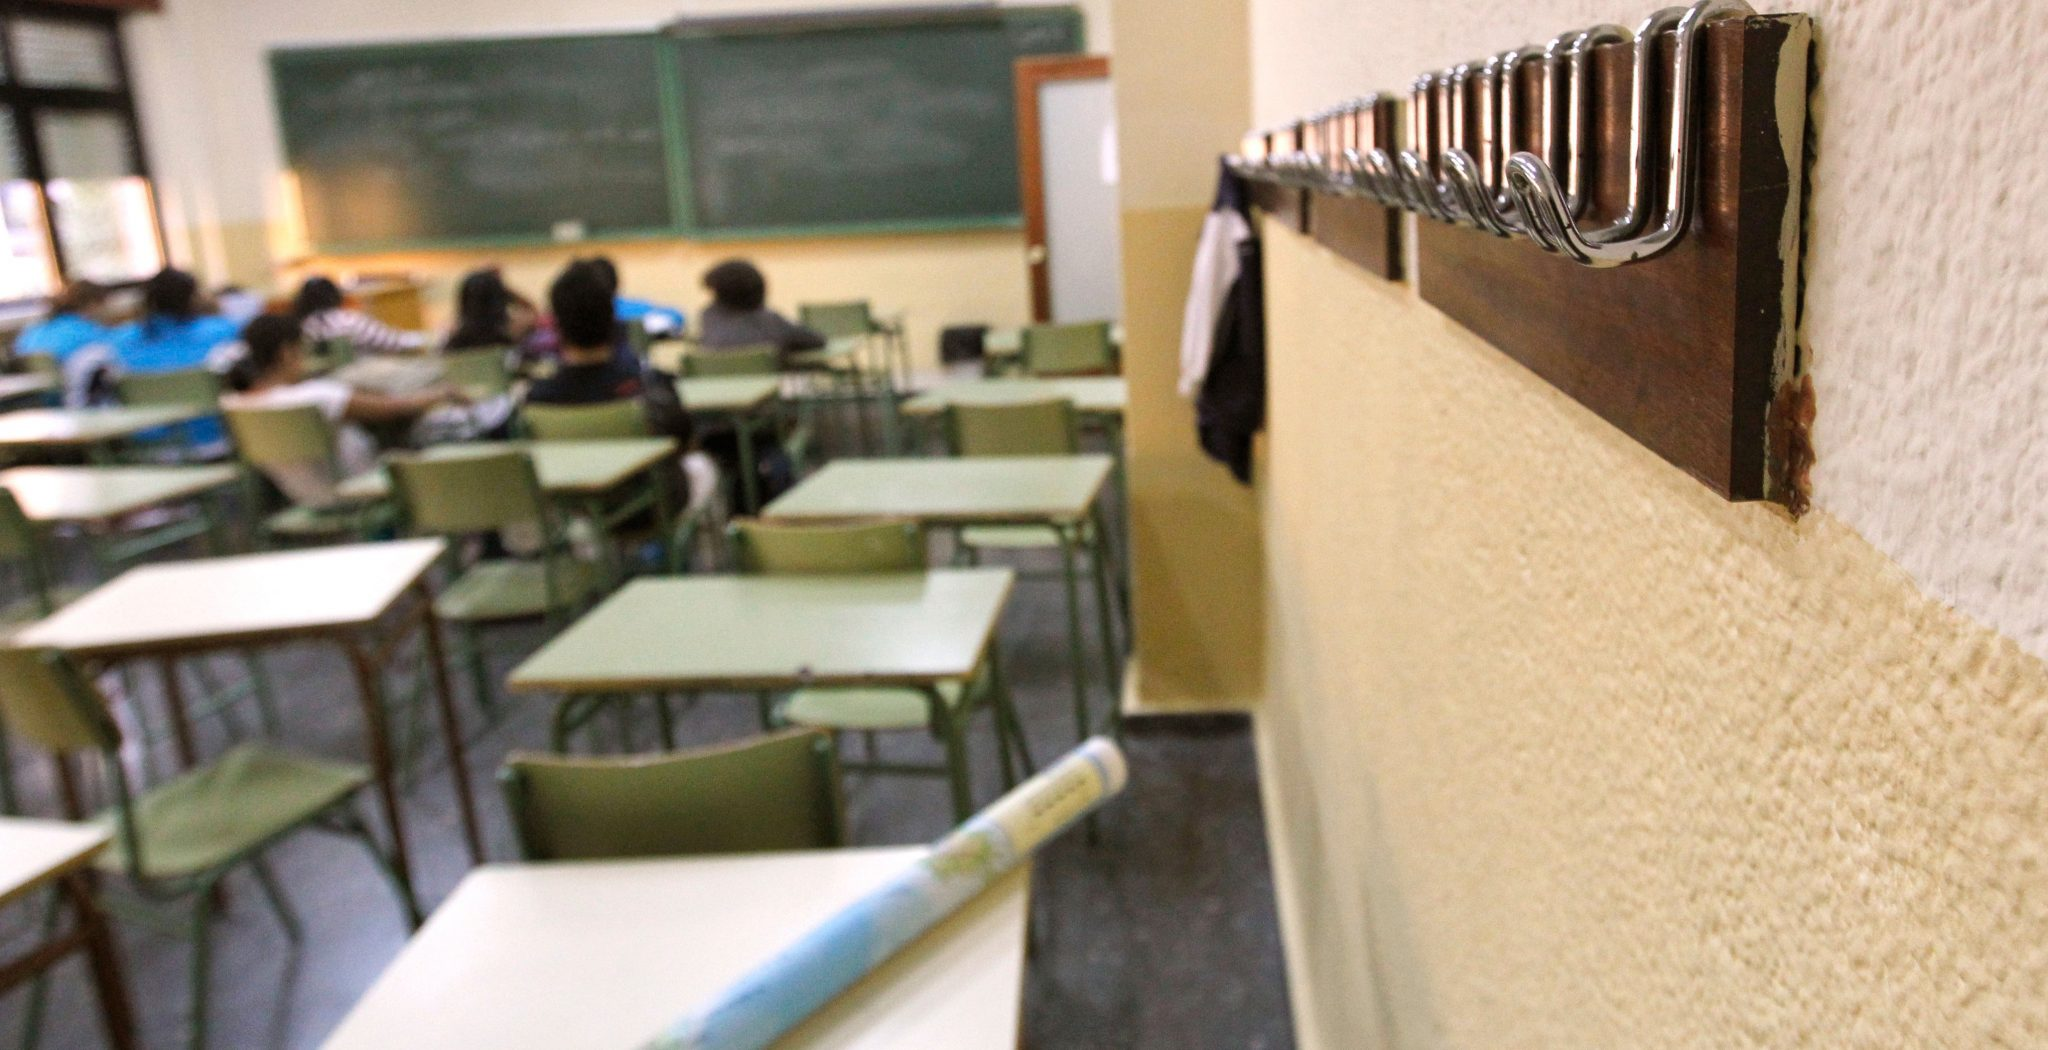 Un aula de un colegio semi vacía